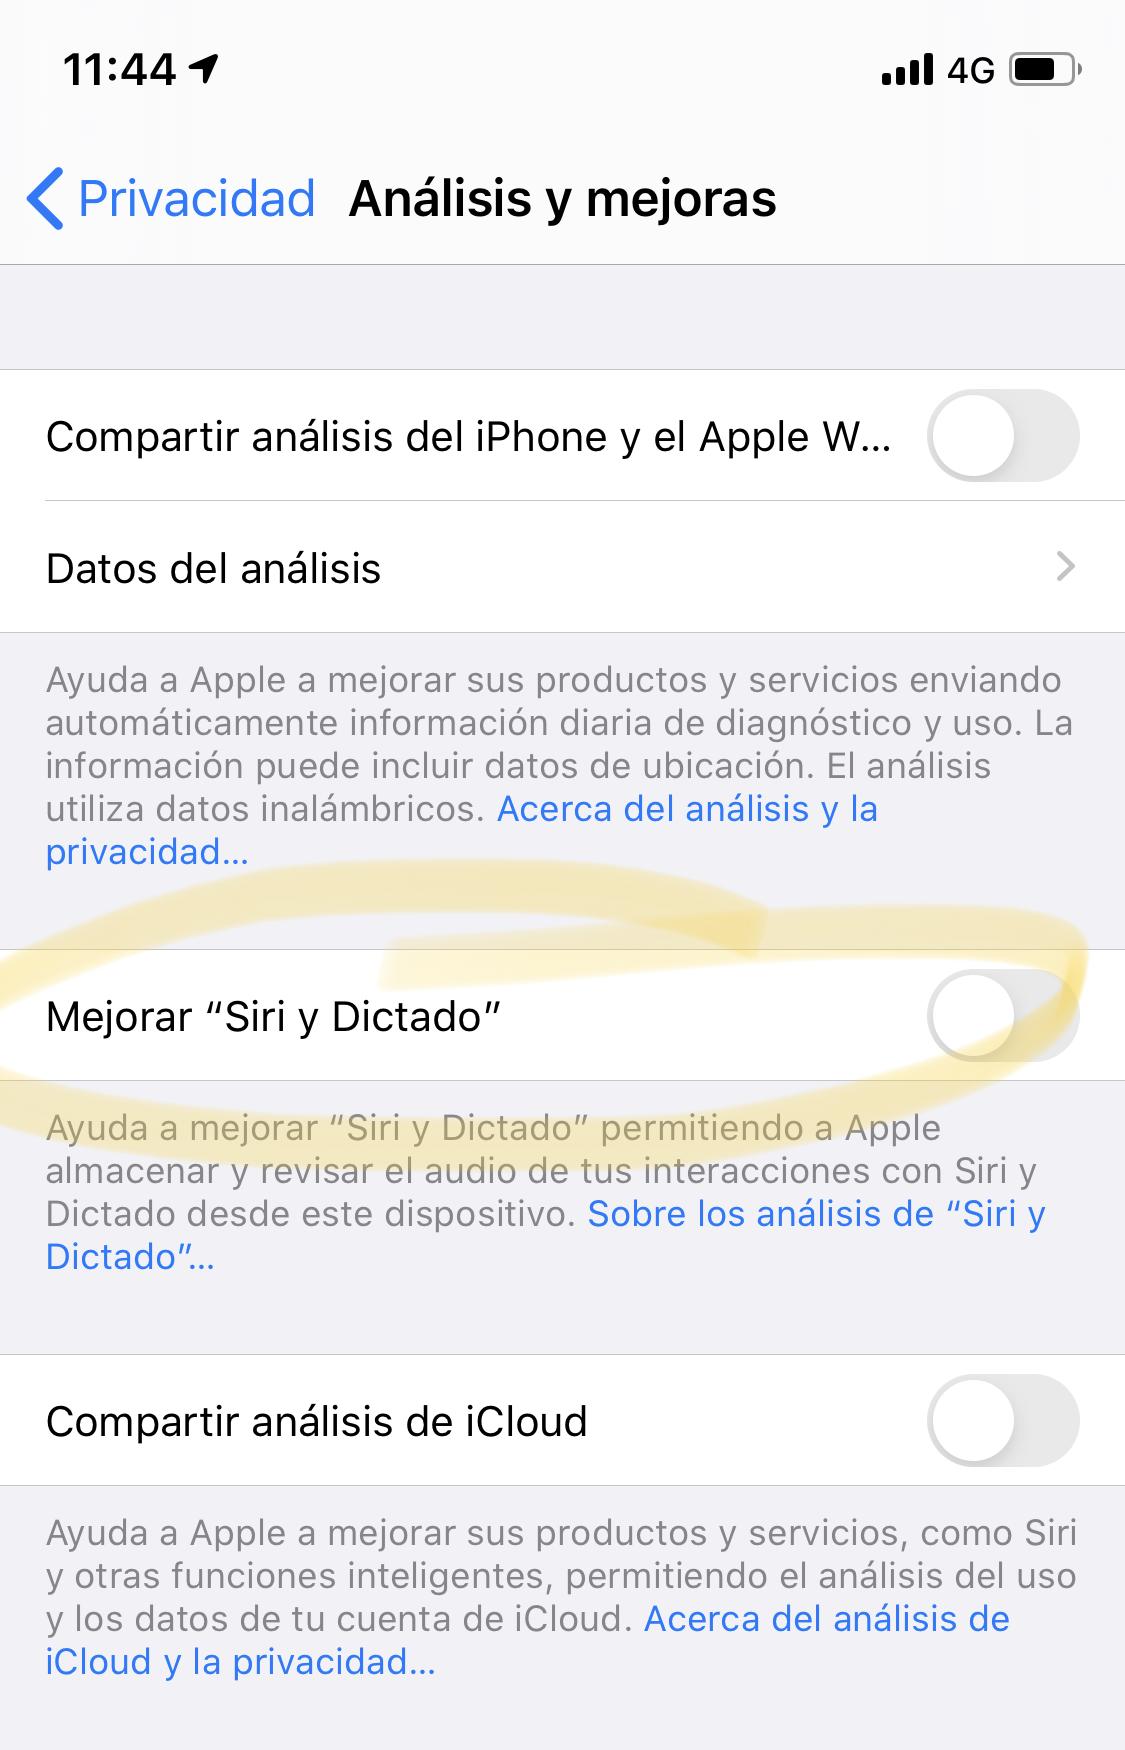 Desactivar escuchas de Siri y dictado en iOS